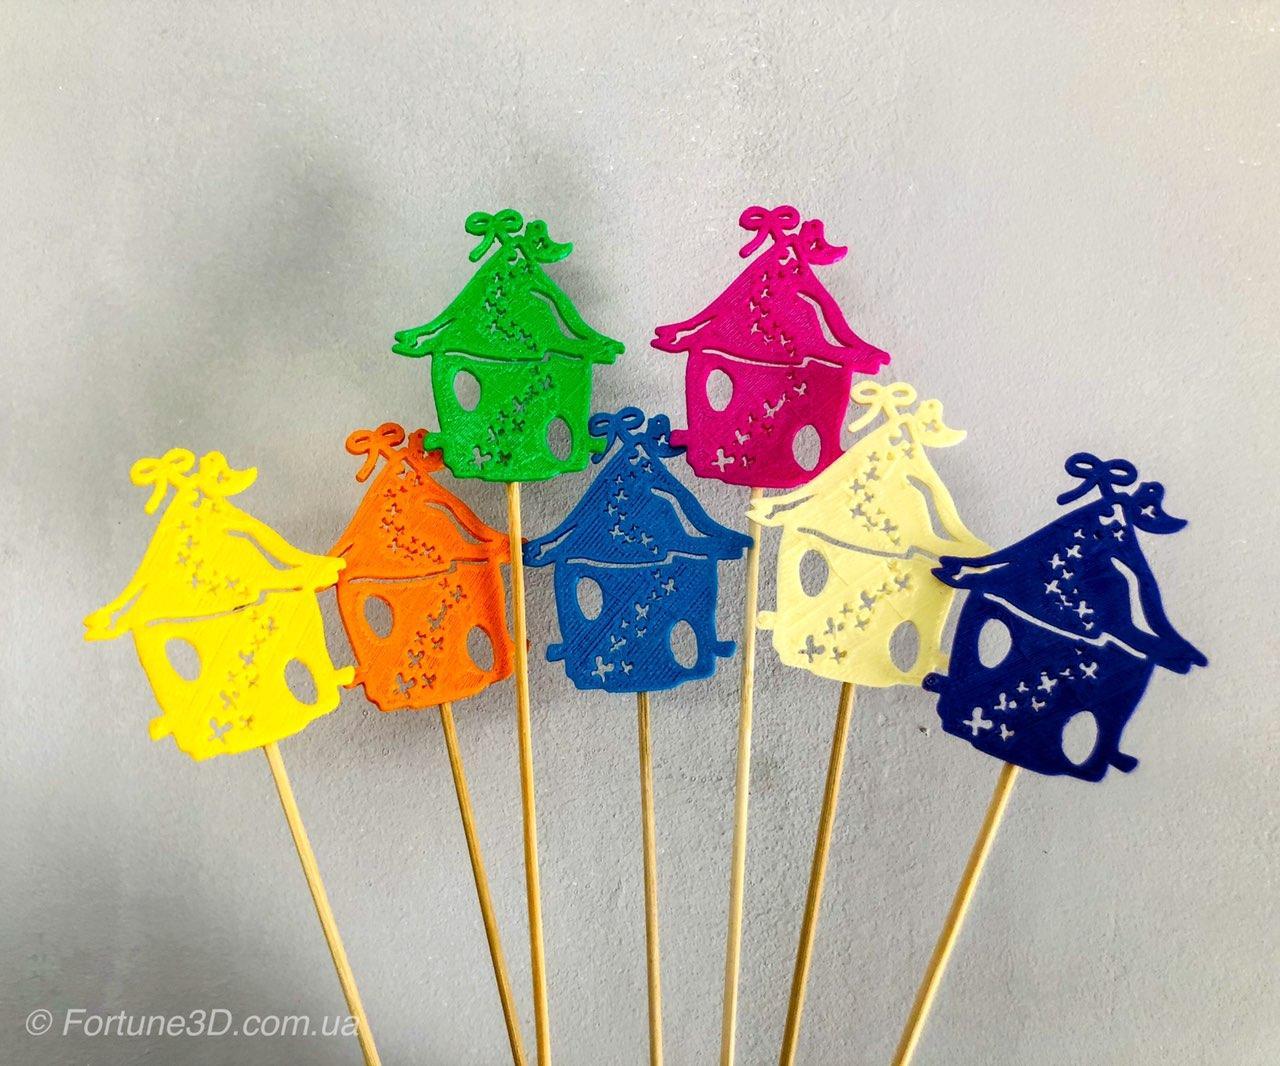 Скворечник с пчёлками декор на палочке. 7 цветов. Пасхальный декор на палочке из пластика